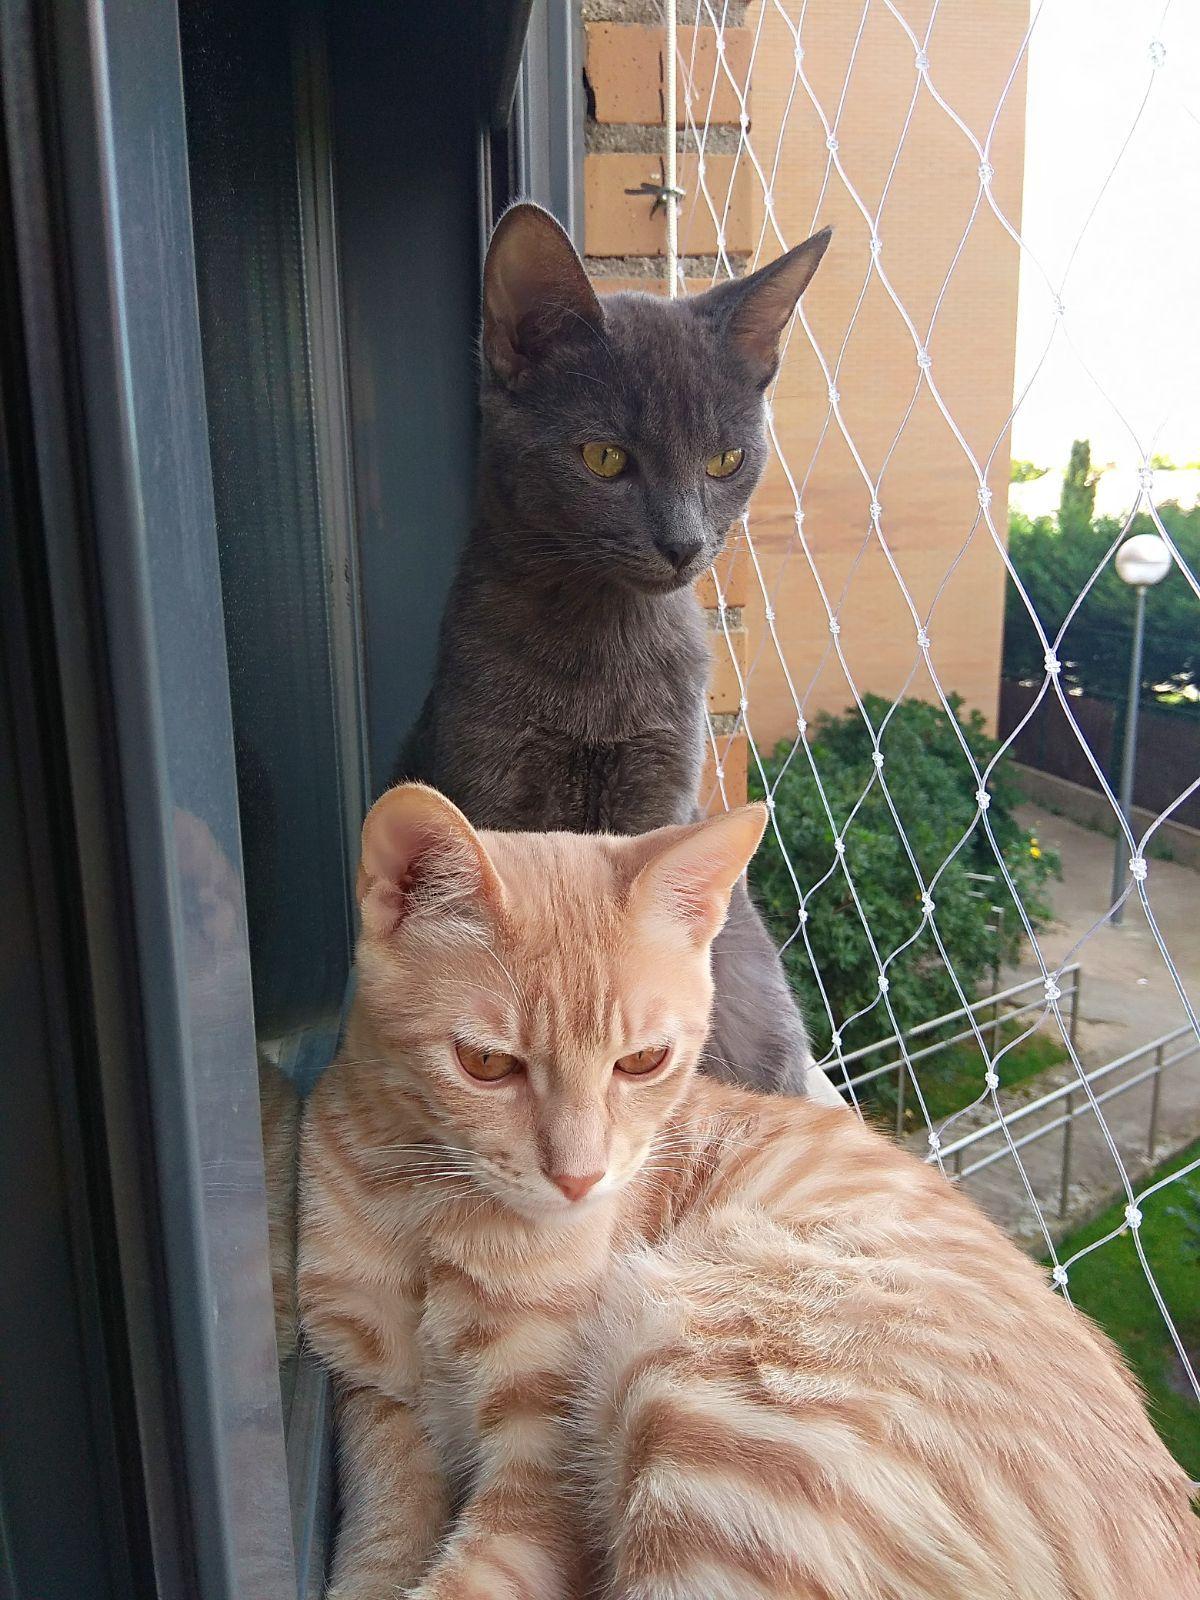 Redes De Seguridad Para Gatos Seguridad Anticaída Para Gatos Y Mascotas Mallas De Seguridad Gatos Mascotas Seguridad Para Ventanas